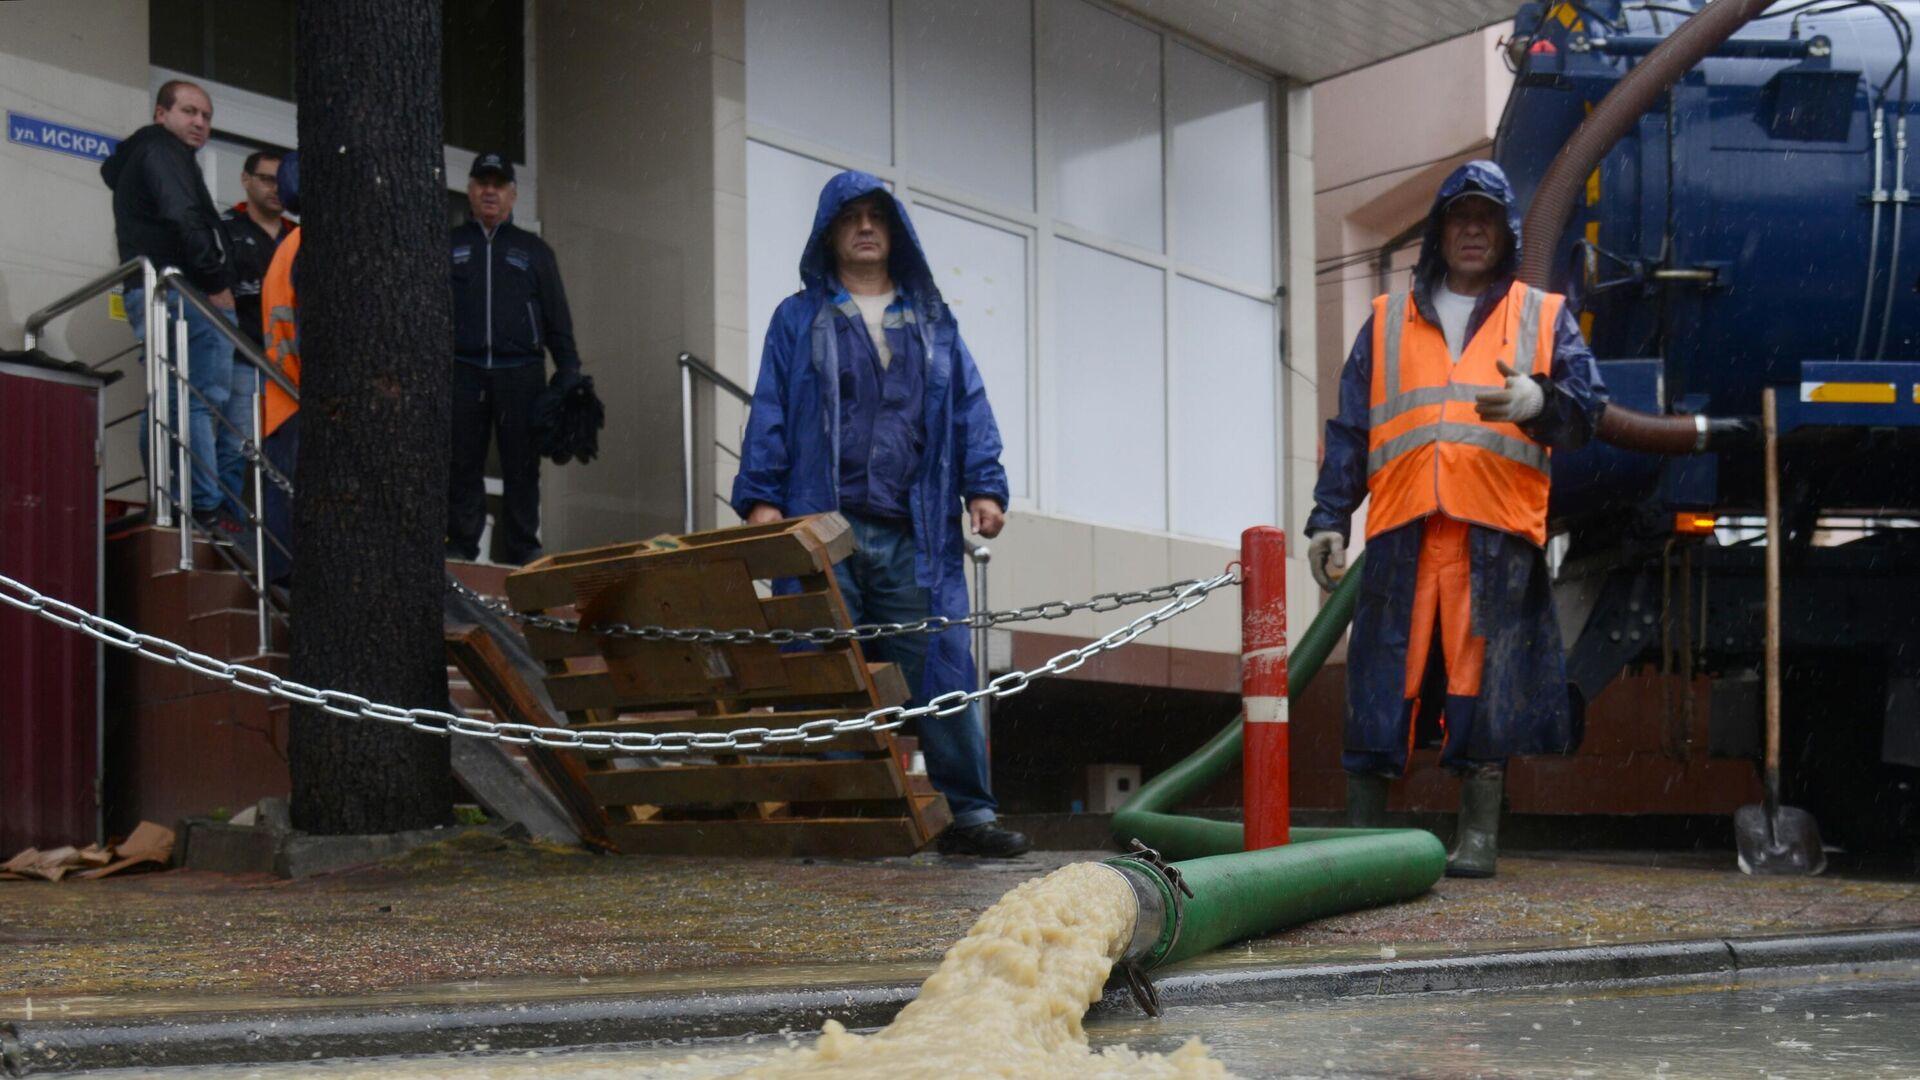 Сотрудники коммунальных служб устраняют последствия подтопления магазина в микрорайоне Кудепста Хостинского района Сочи - РИА Новости, 1920, 05.07.2021